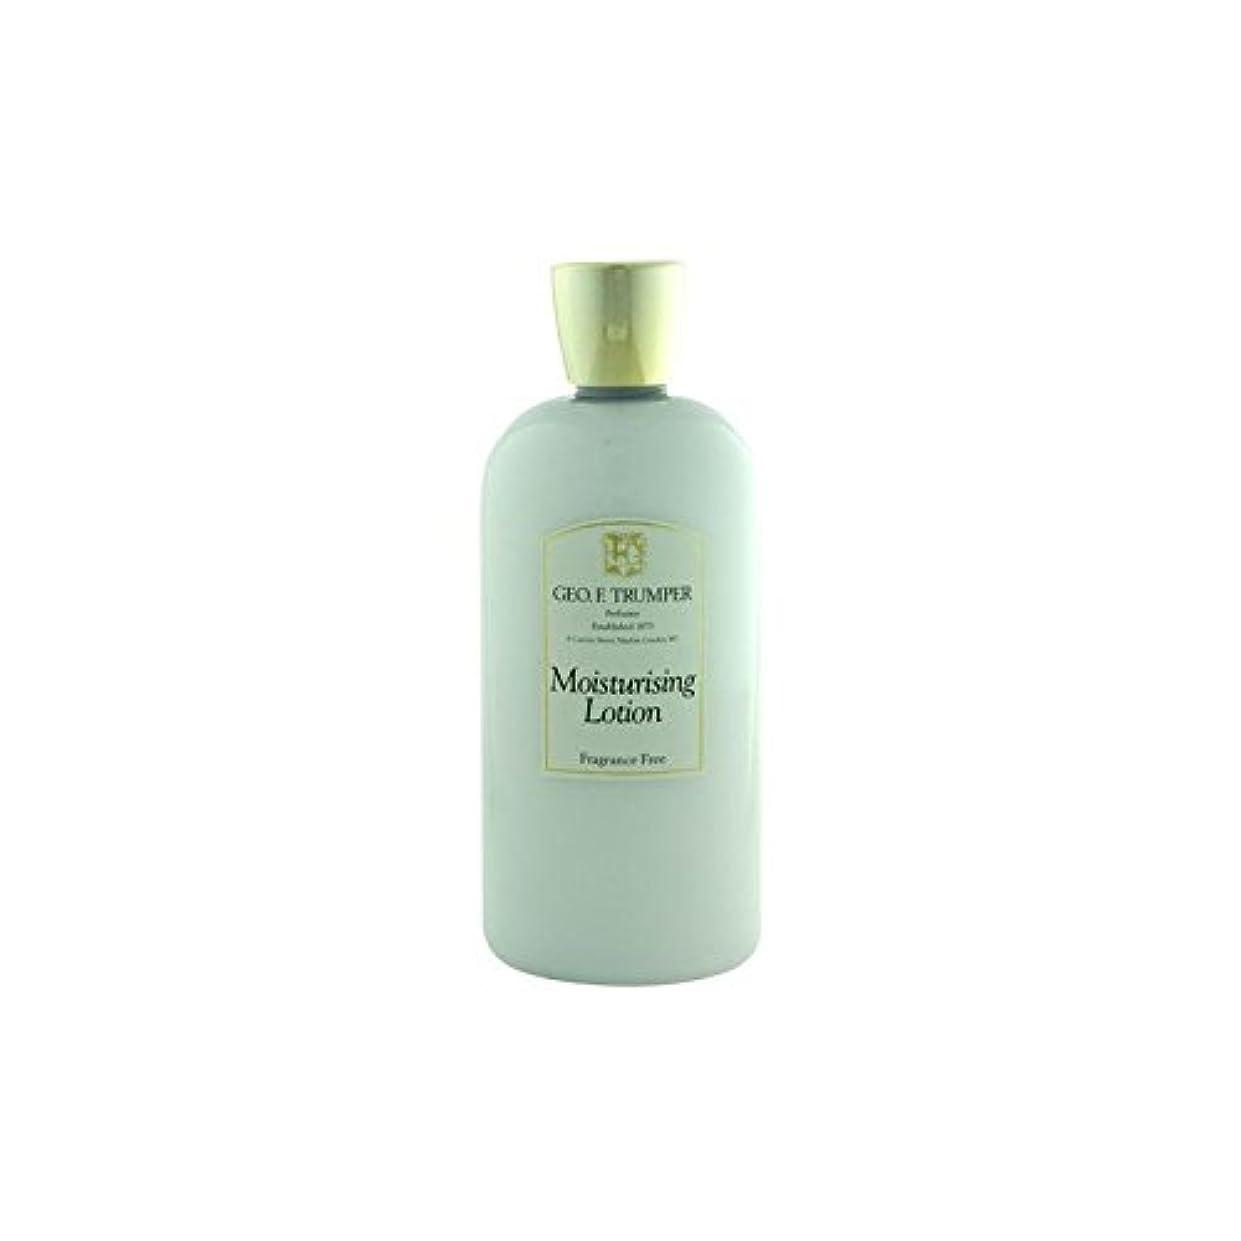 無香料の保湿剤を - 500ミリリットル旅 x4 - Trumpers Fragrance Free Moisturiser - 500ml Travel (Pack of 4) [並行輸入品]